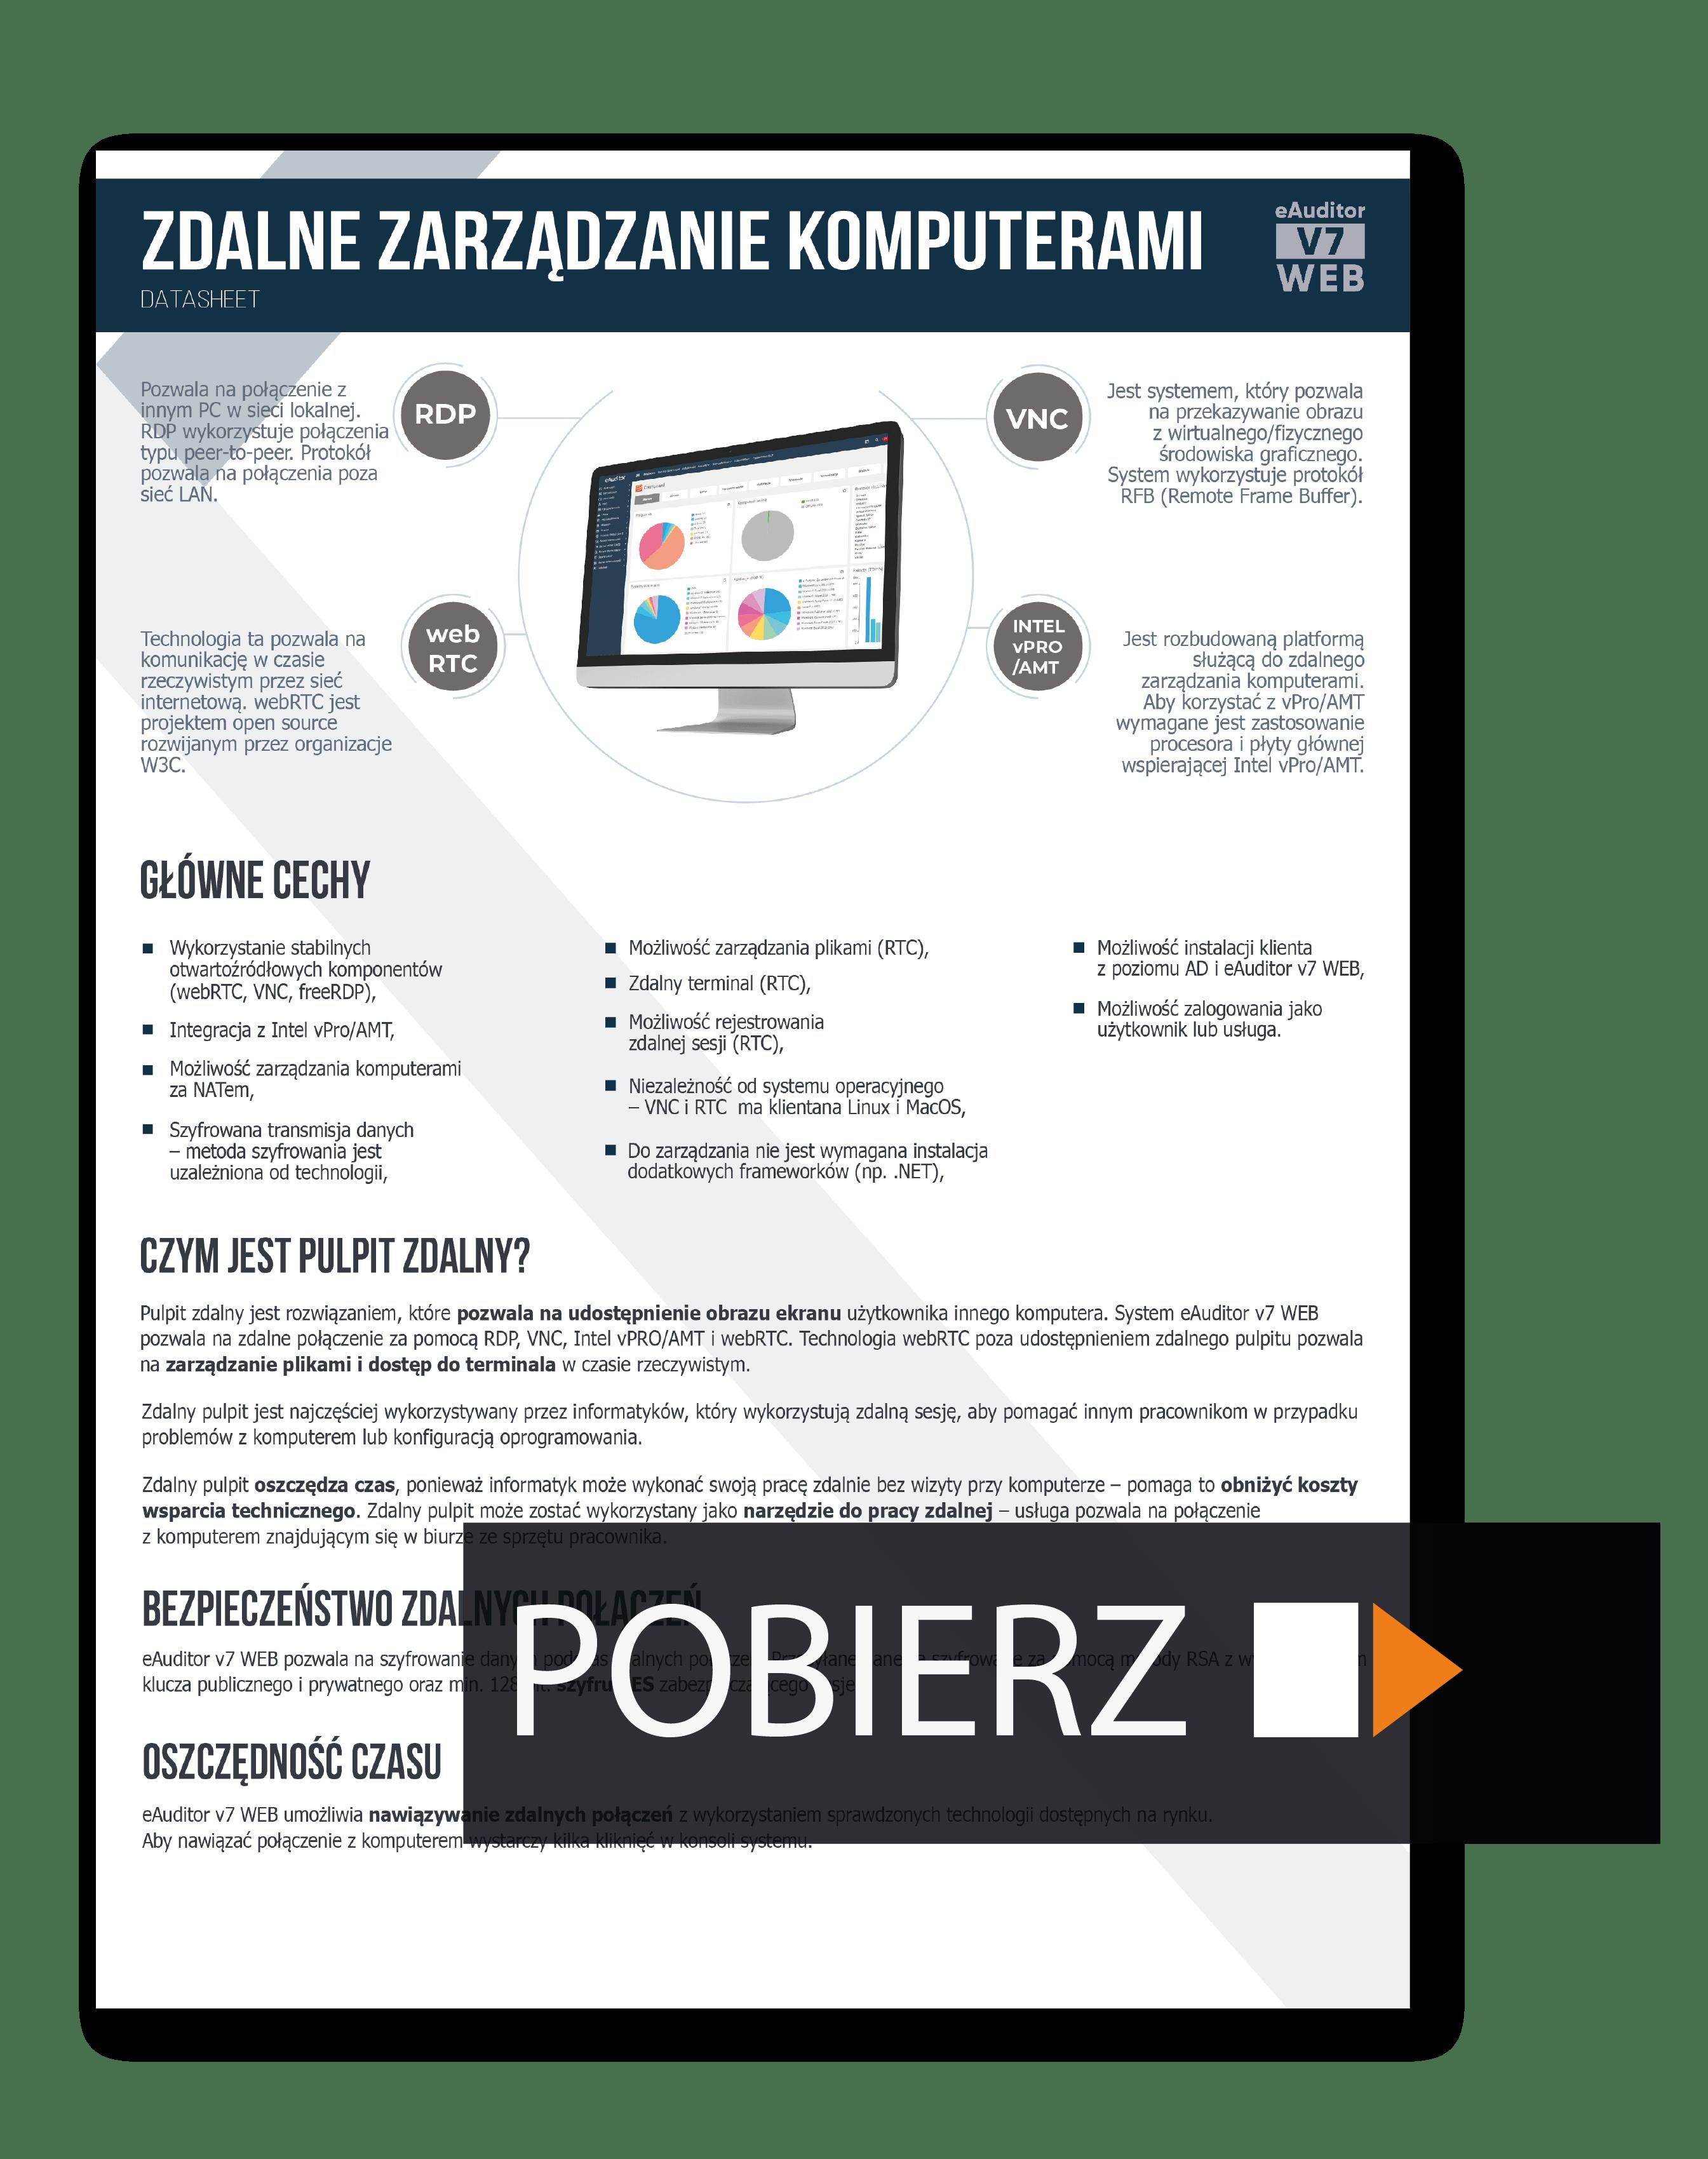 Zdalne zarządzanie komputerami - datasheet